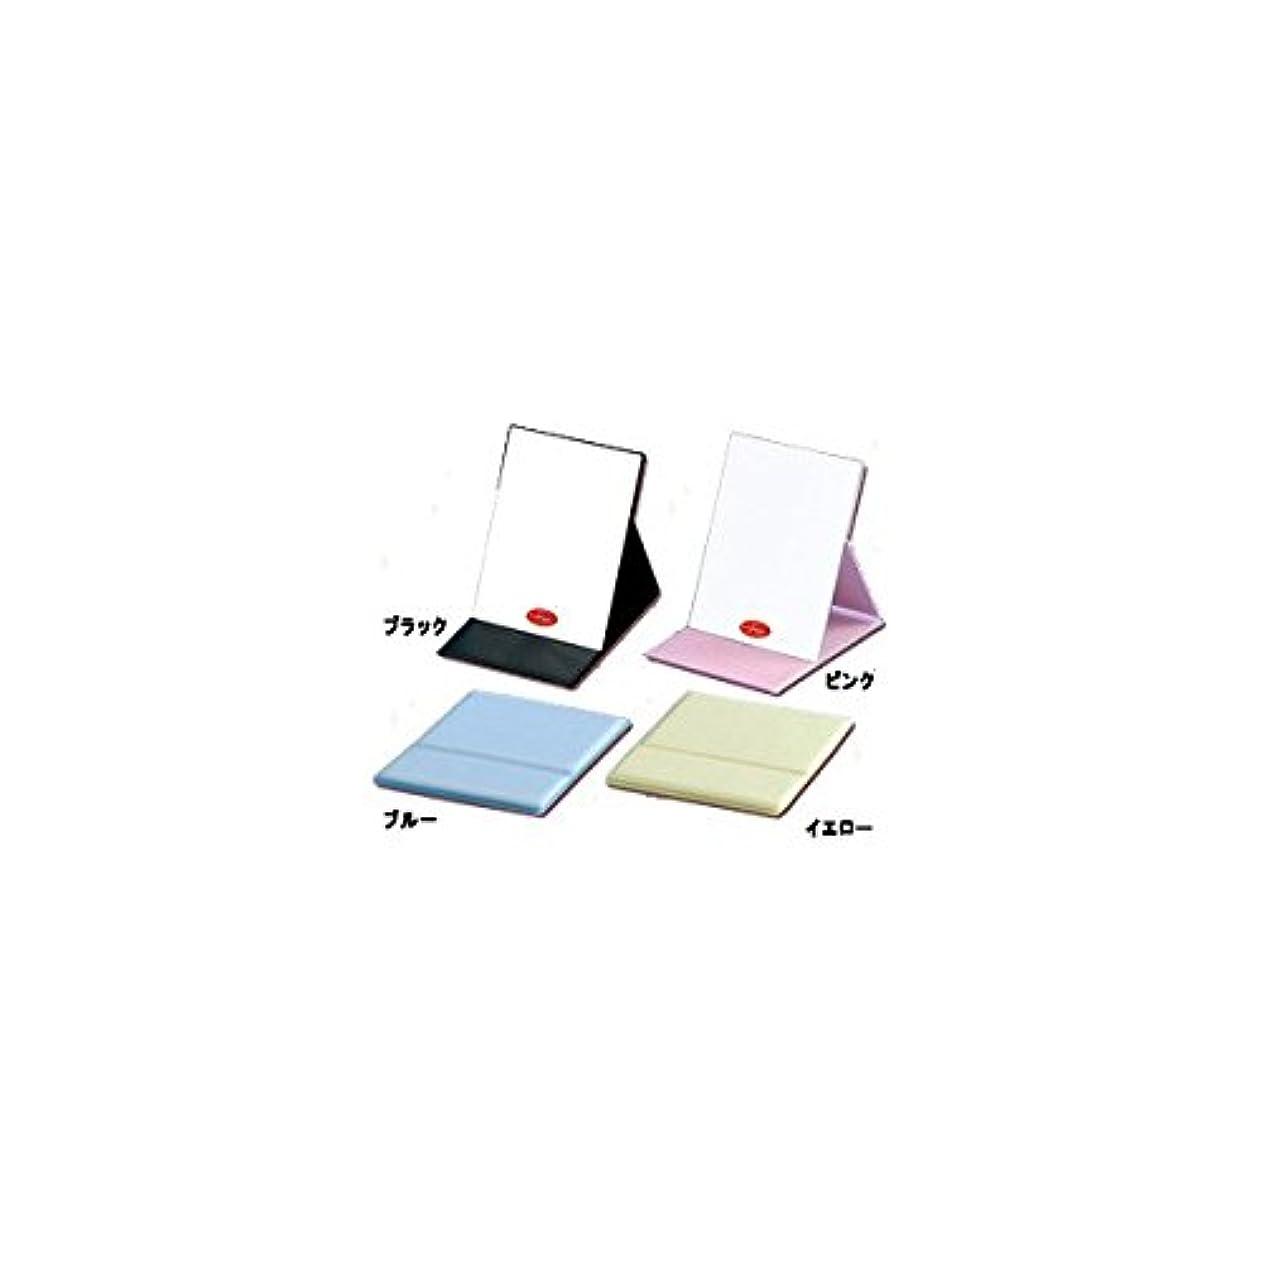 第四レンダリング入場料ナピュア プロモデル カラーバージョン折立ミラー M ピンク